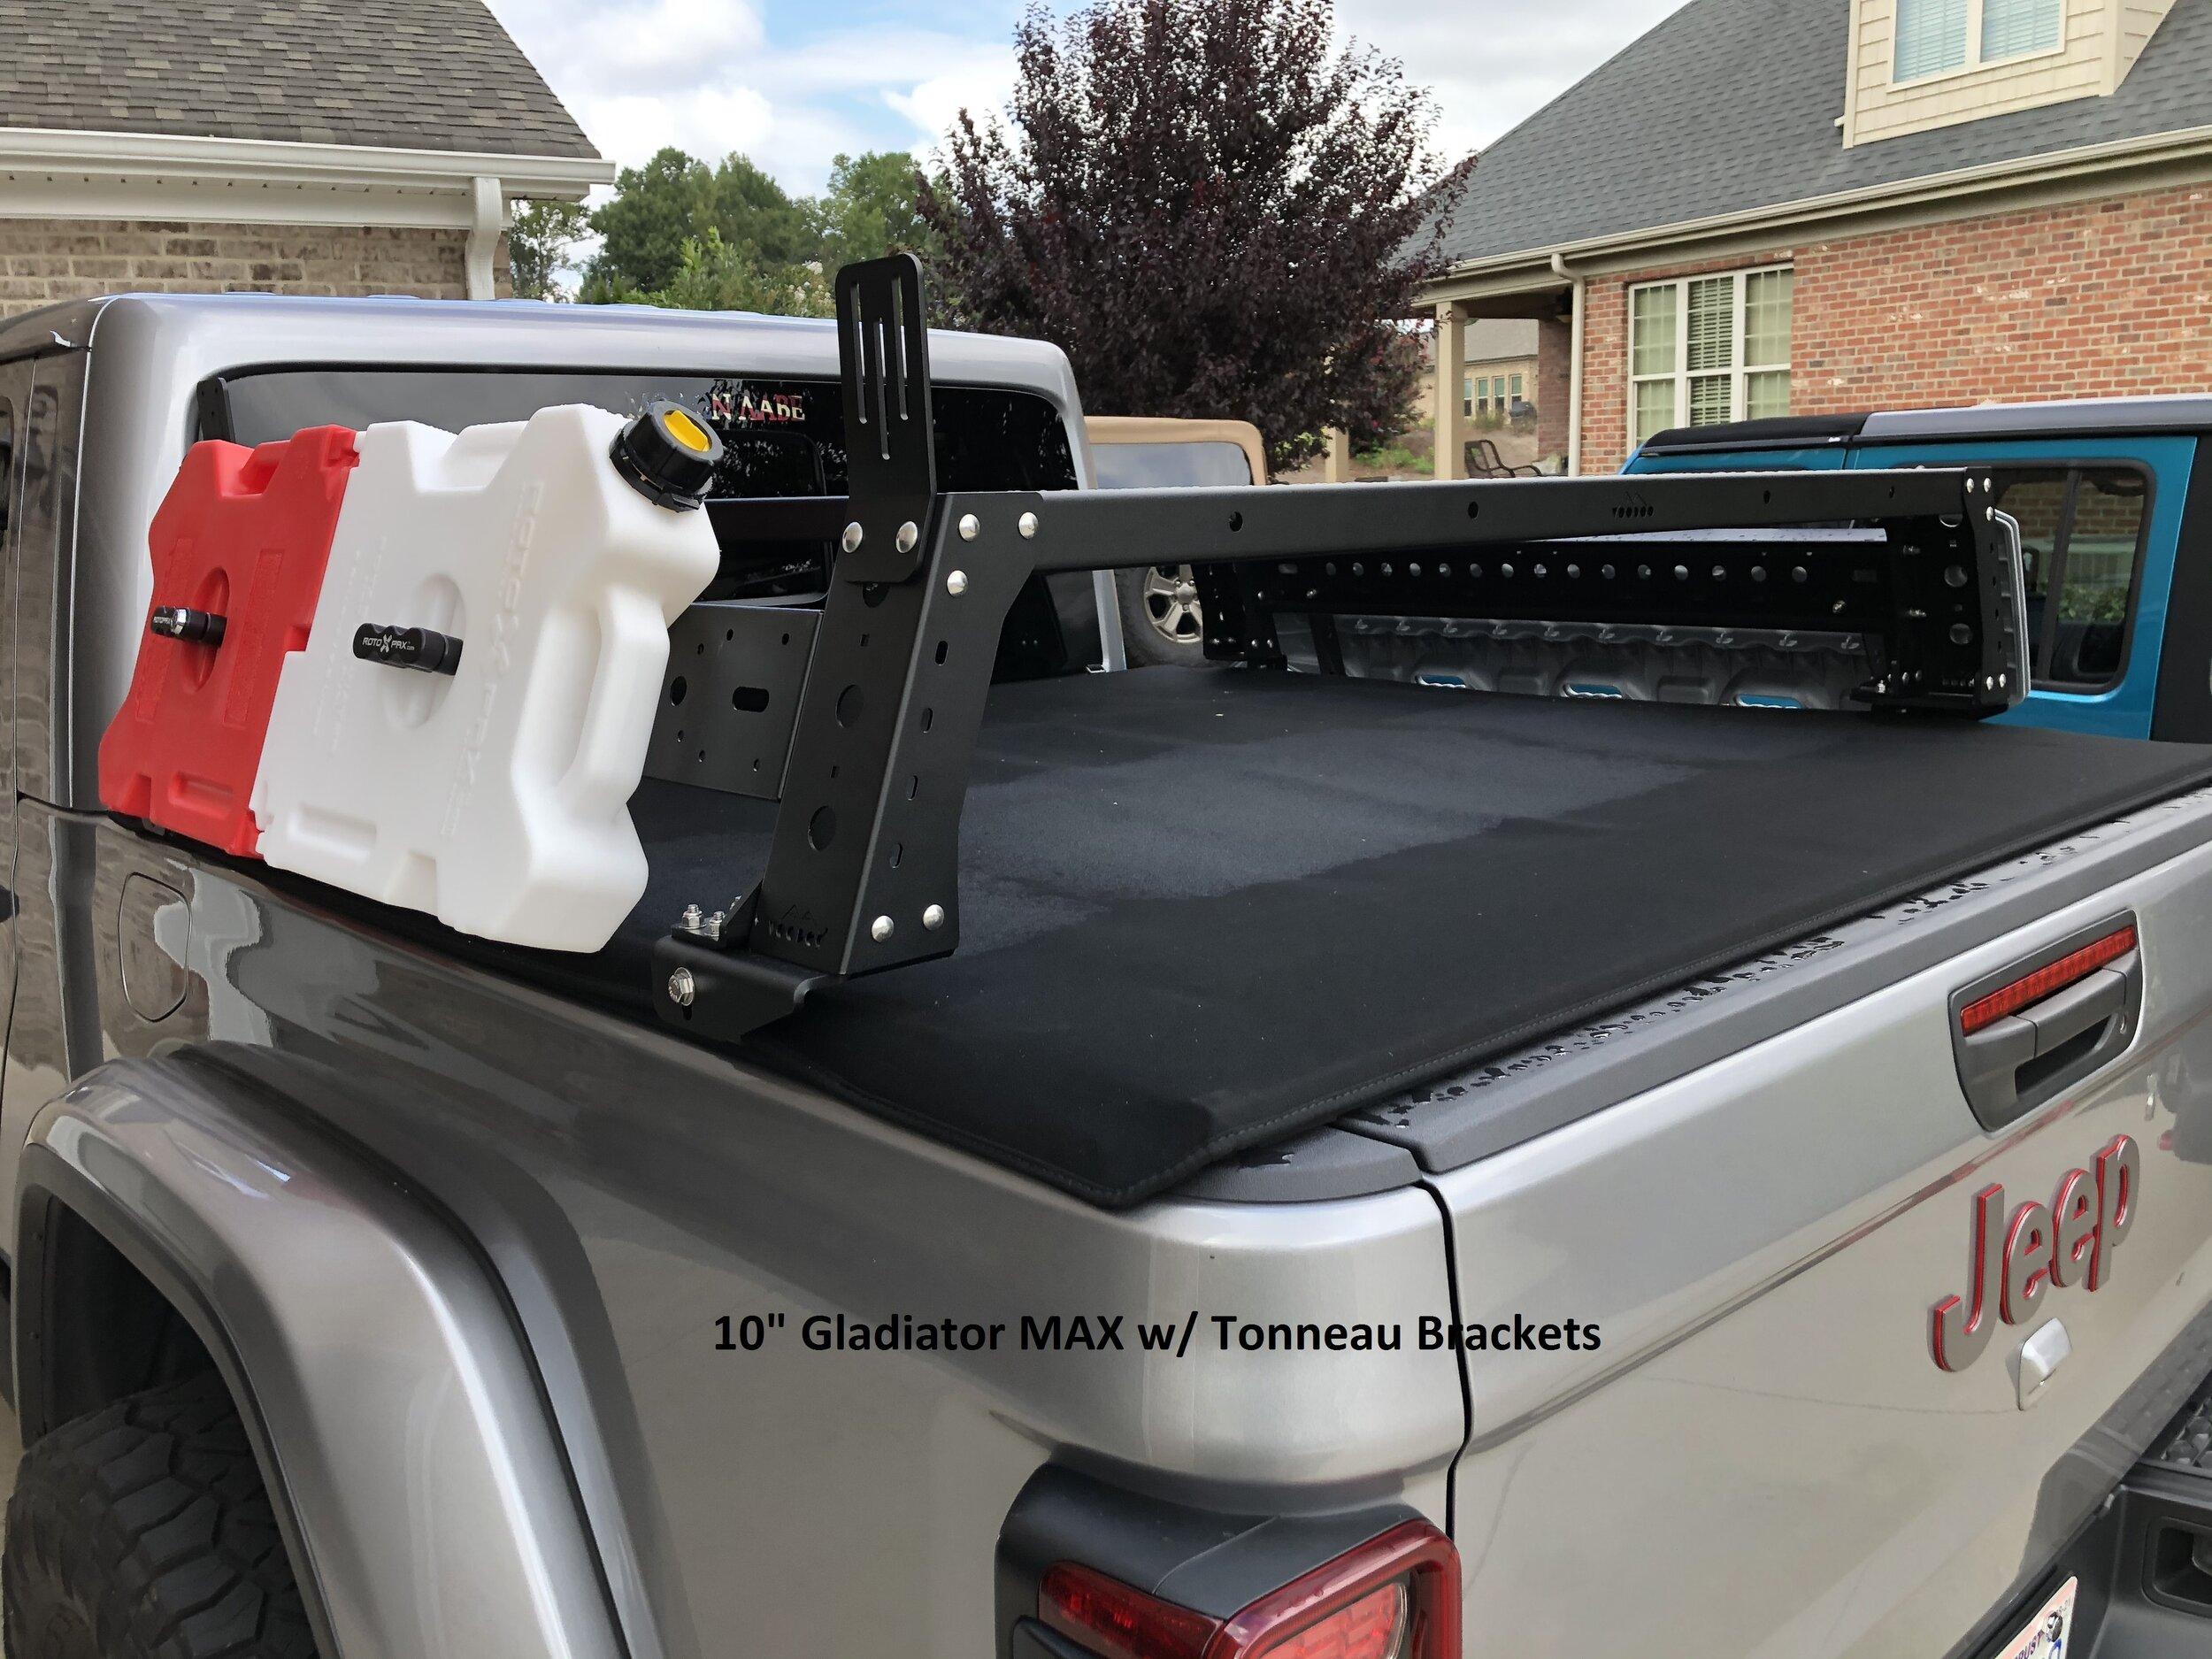 max modular gladiator max aluminum bed rack fits 2019 and up jeep gladiators max modular truck bed racks